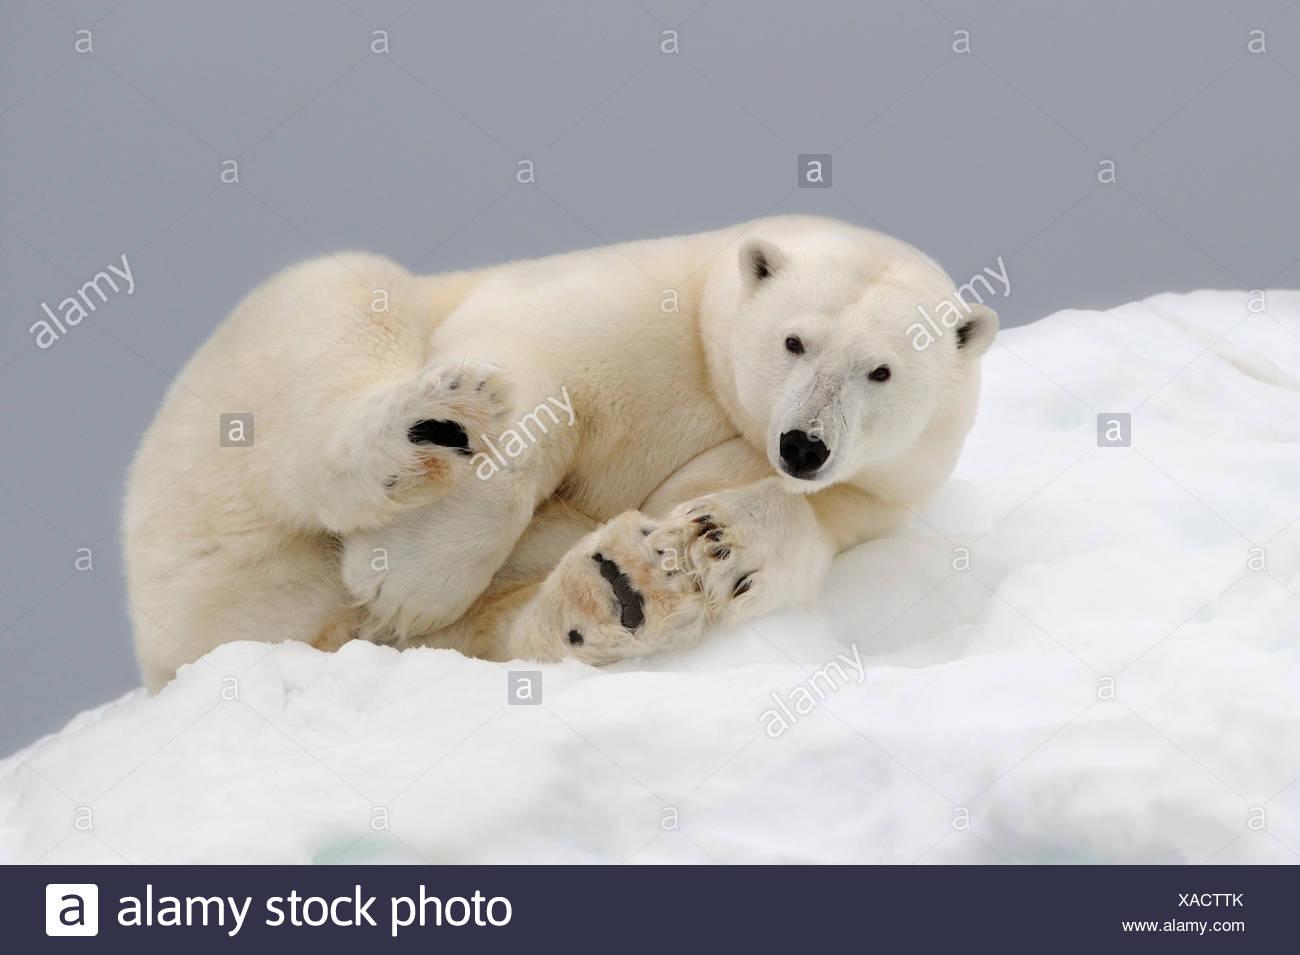 L'ours polaire (Ursus maritimus) reposant sur la glace. Svalbard, Norvège. Les espèces en voie de disparition. Photo Stock